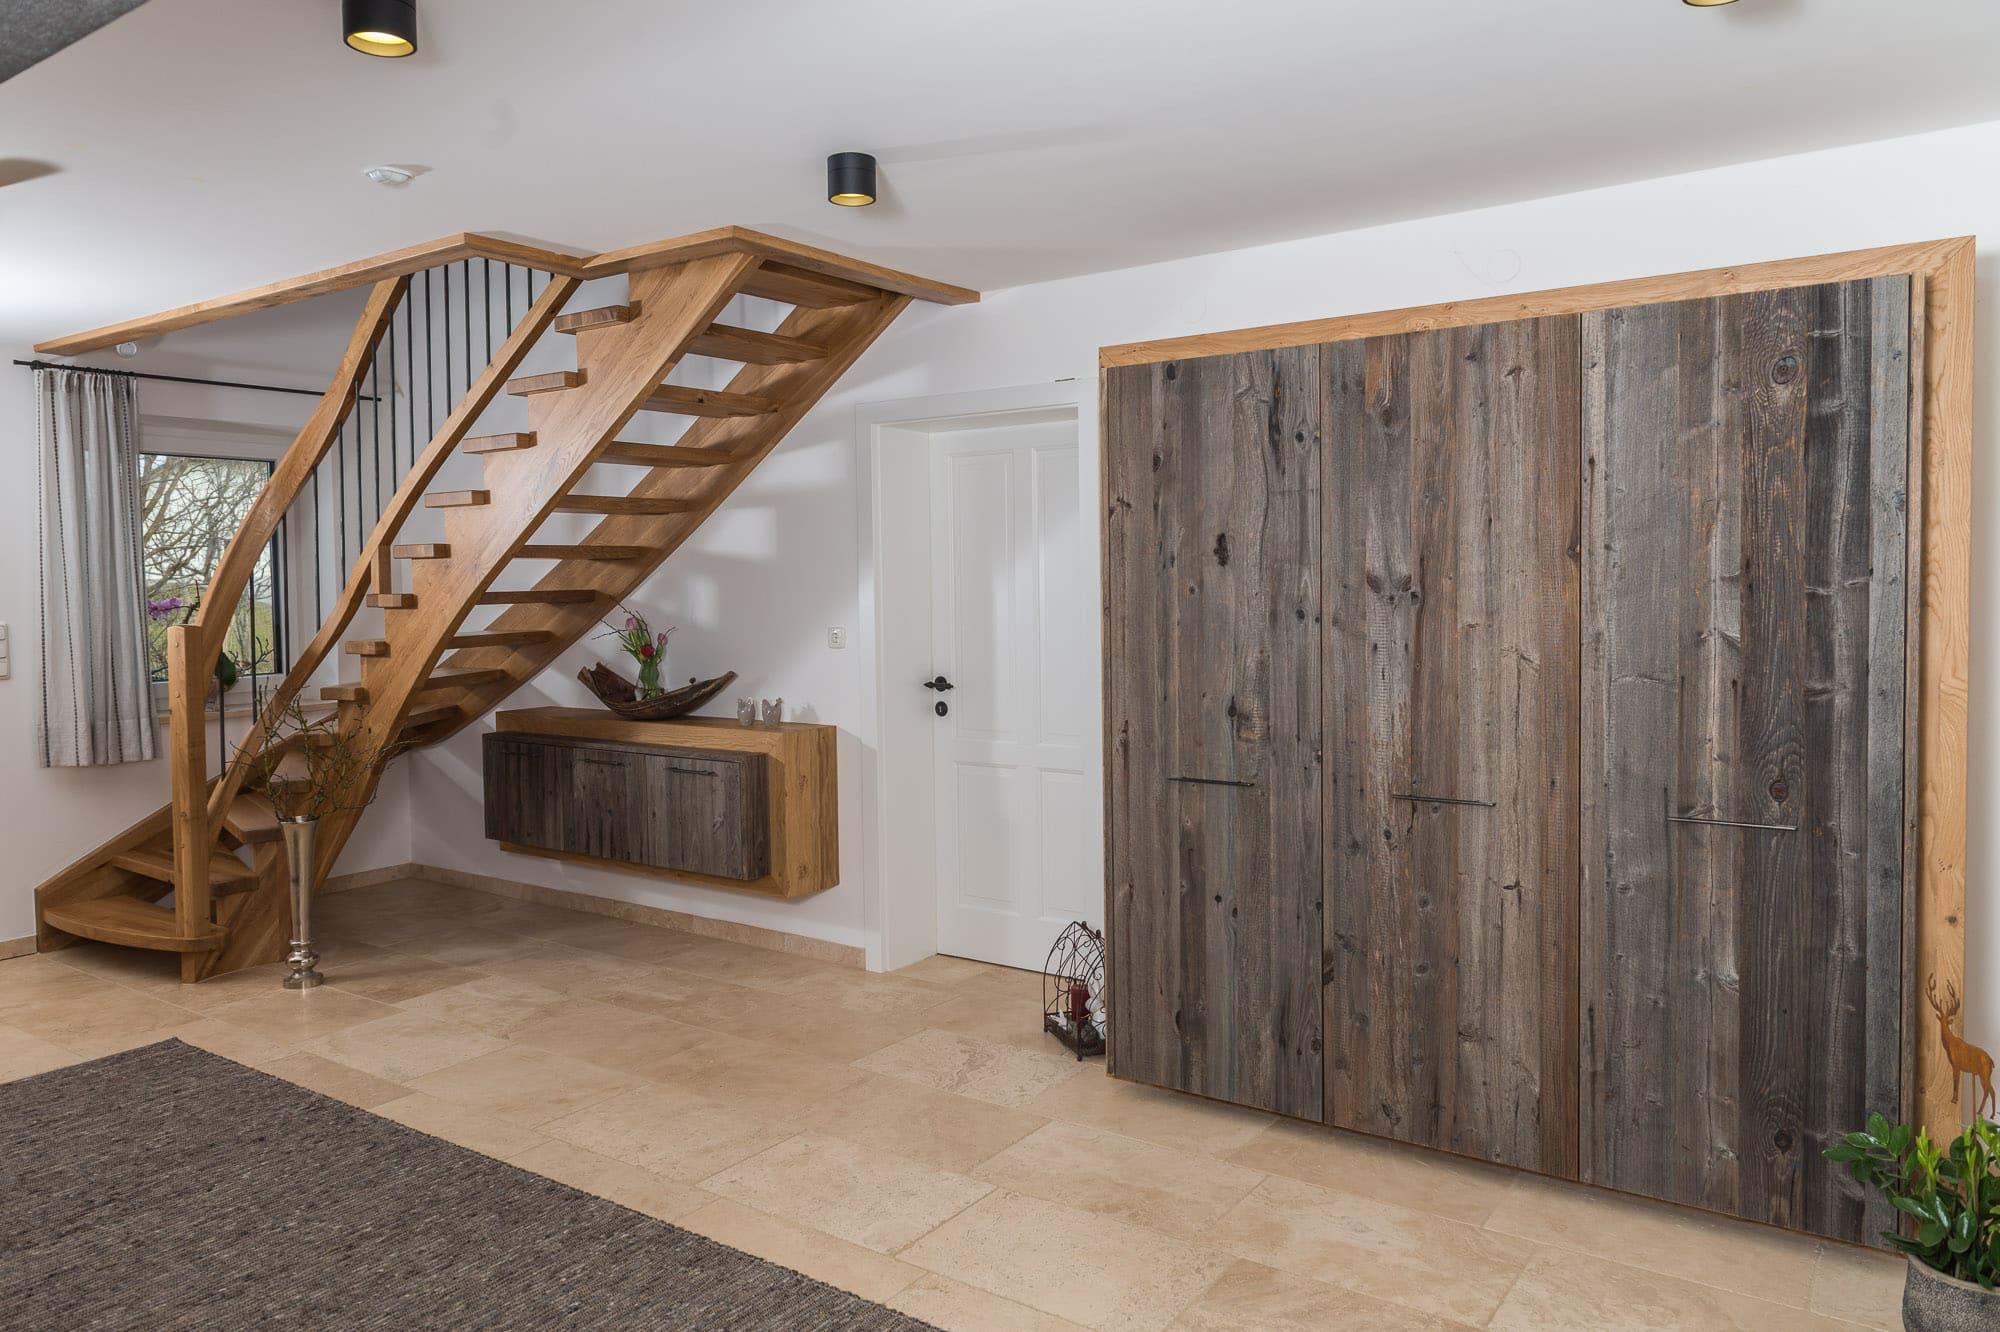 Kundenprojekt im Landhausstil - Eilmannsberger GmbH